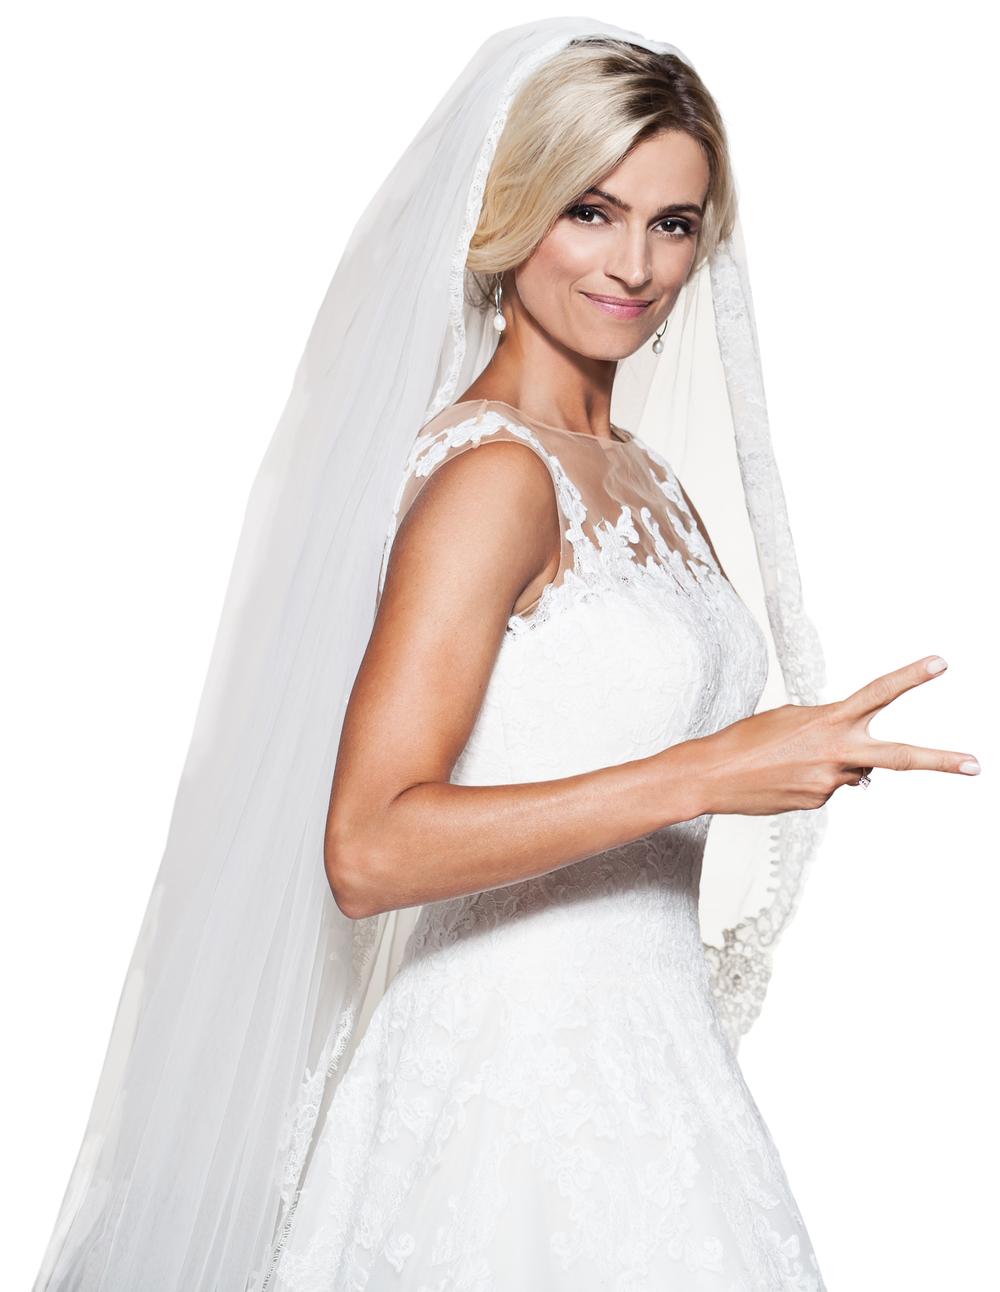 Foto exkluzivně pro Souboj nevěst: Radim Kořínek